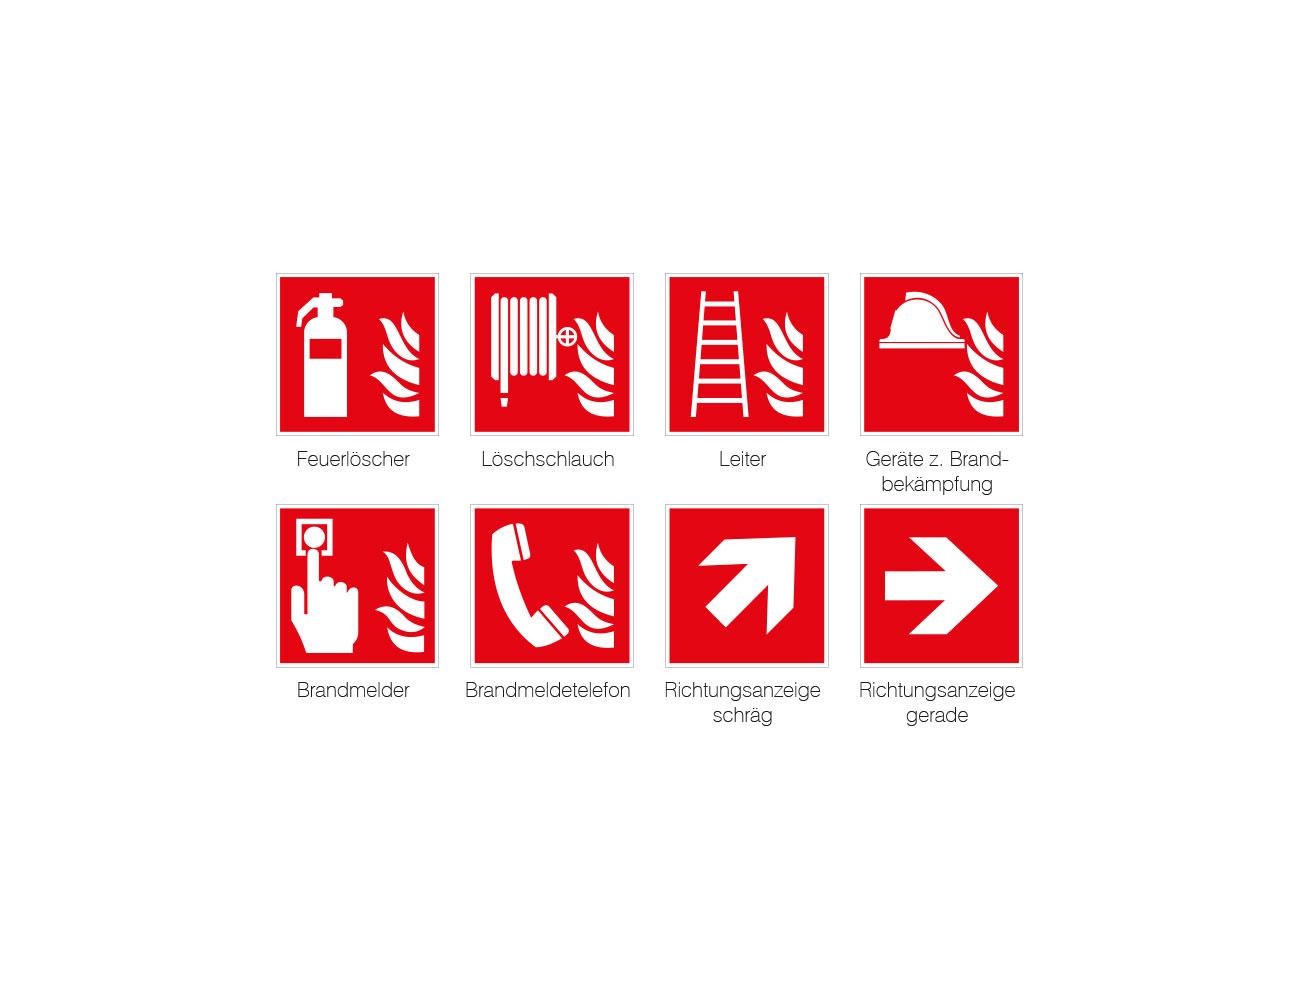 Brandschutzkennzeichen Folie weiß - 148 x 148 mm